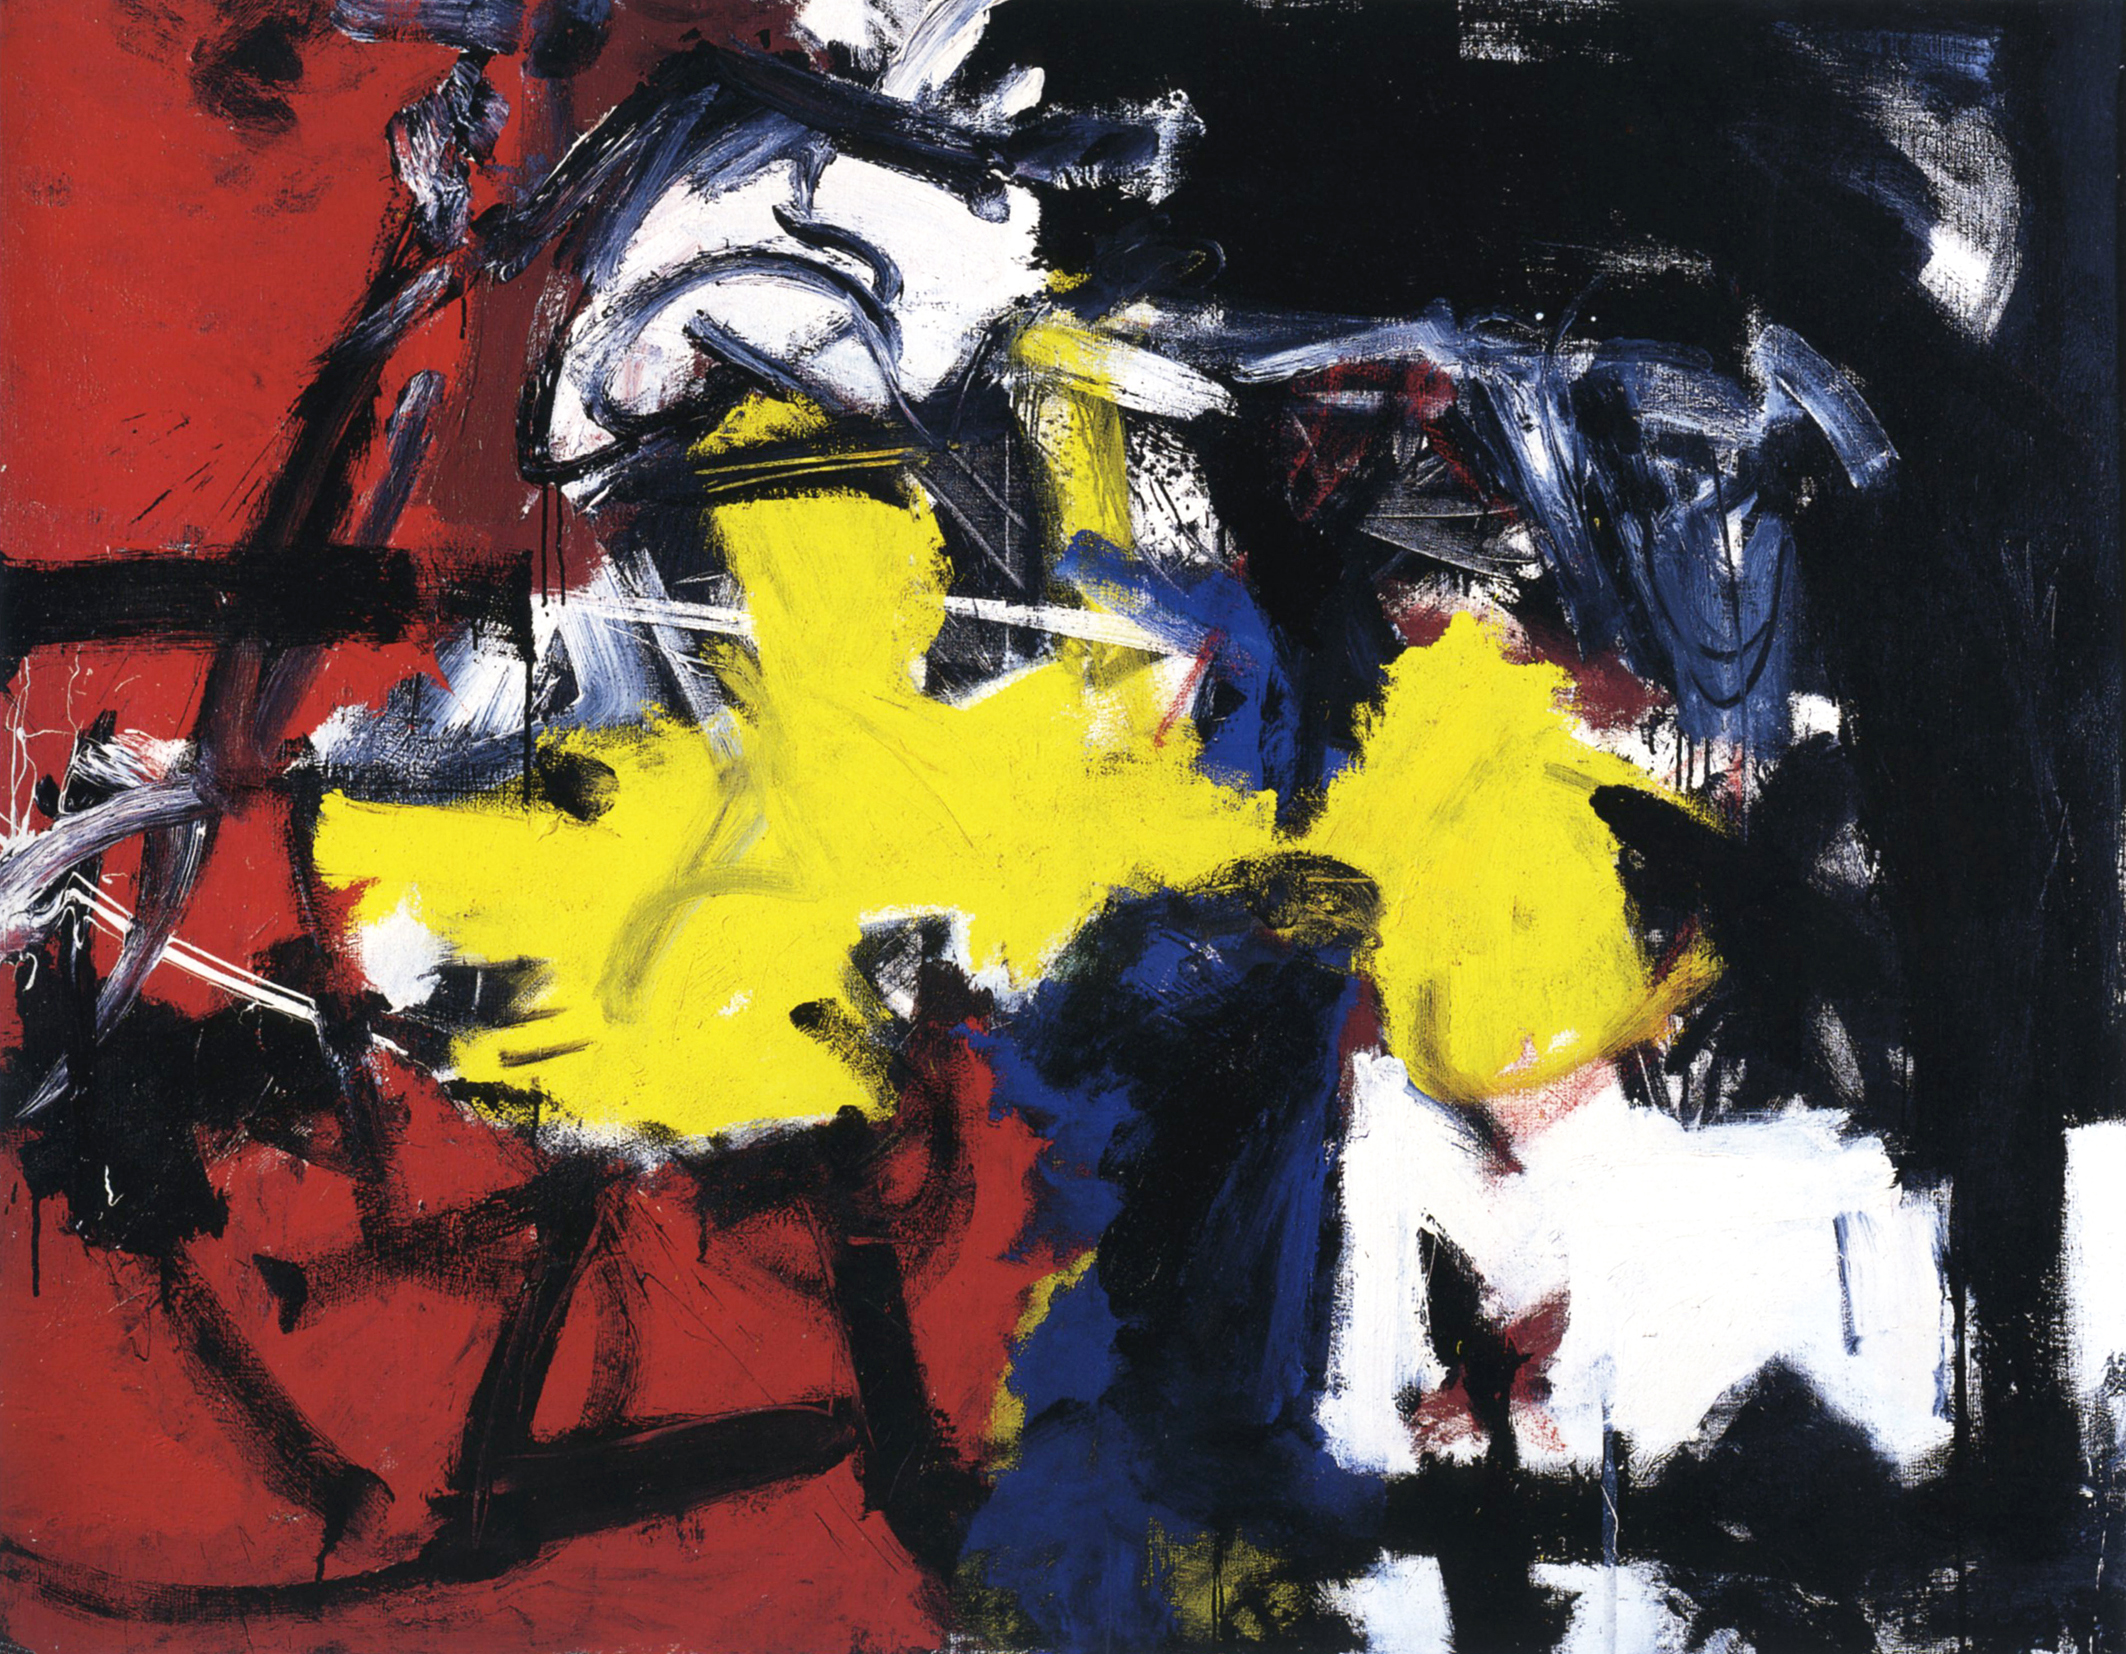 Emilio Vedova, 'Ciclo '62 - (B.3)', 1962, tecnica mista su tela, 145,5 x 185 cm, Courtesy Galleria dello Scudo Verona